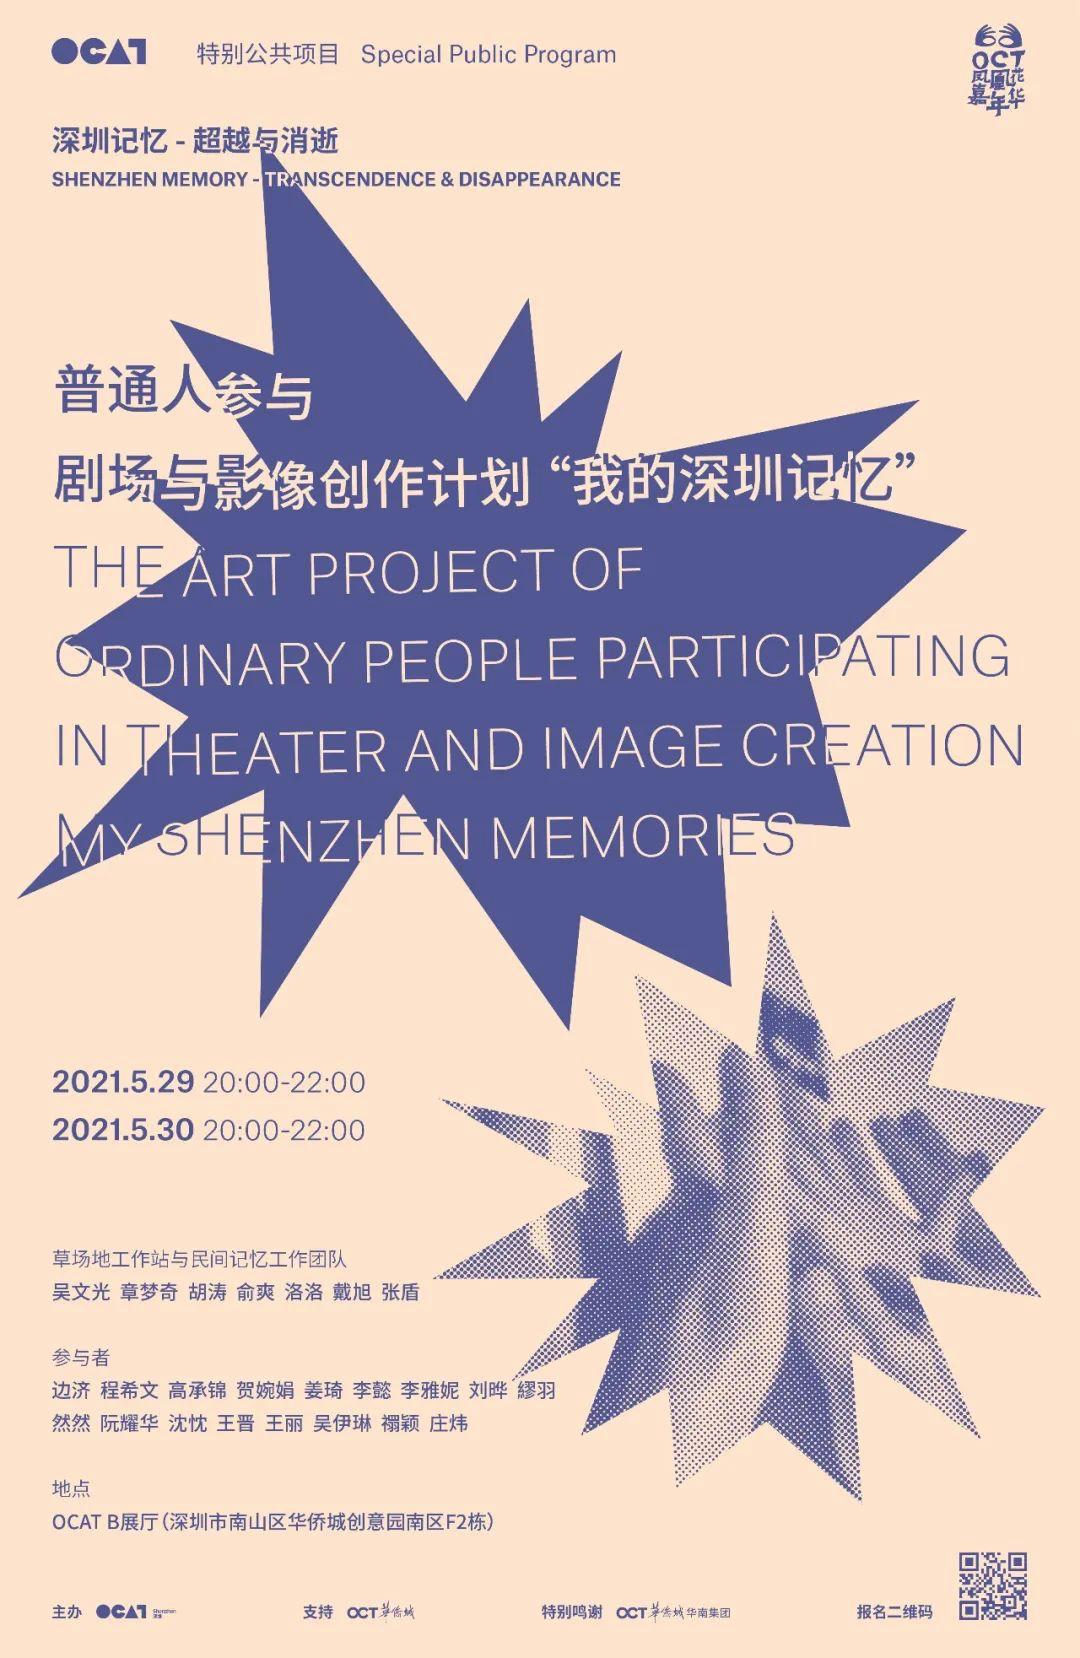 详情请关注OCAT深圳馆微信公众号